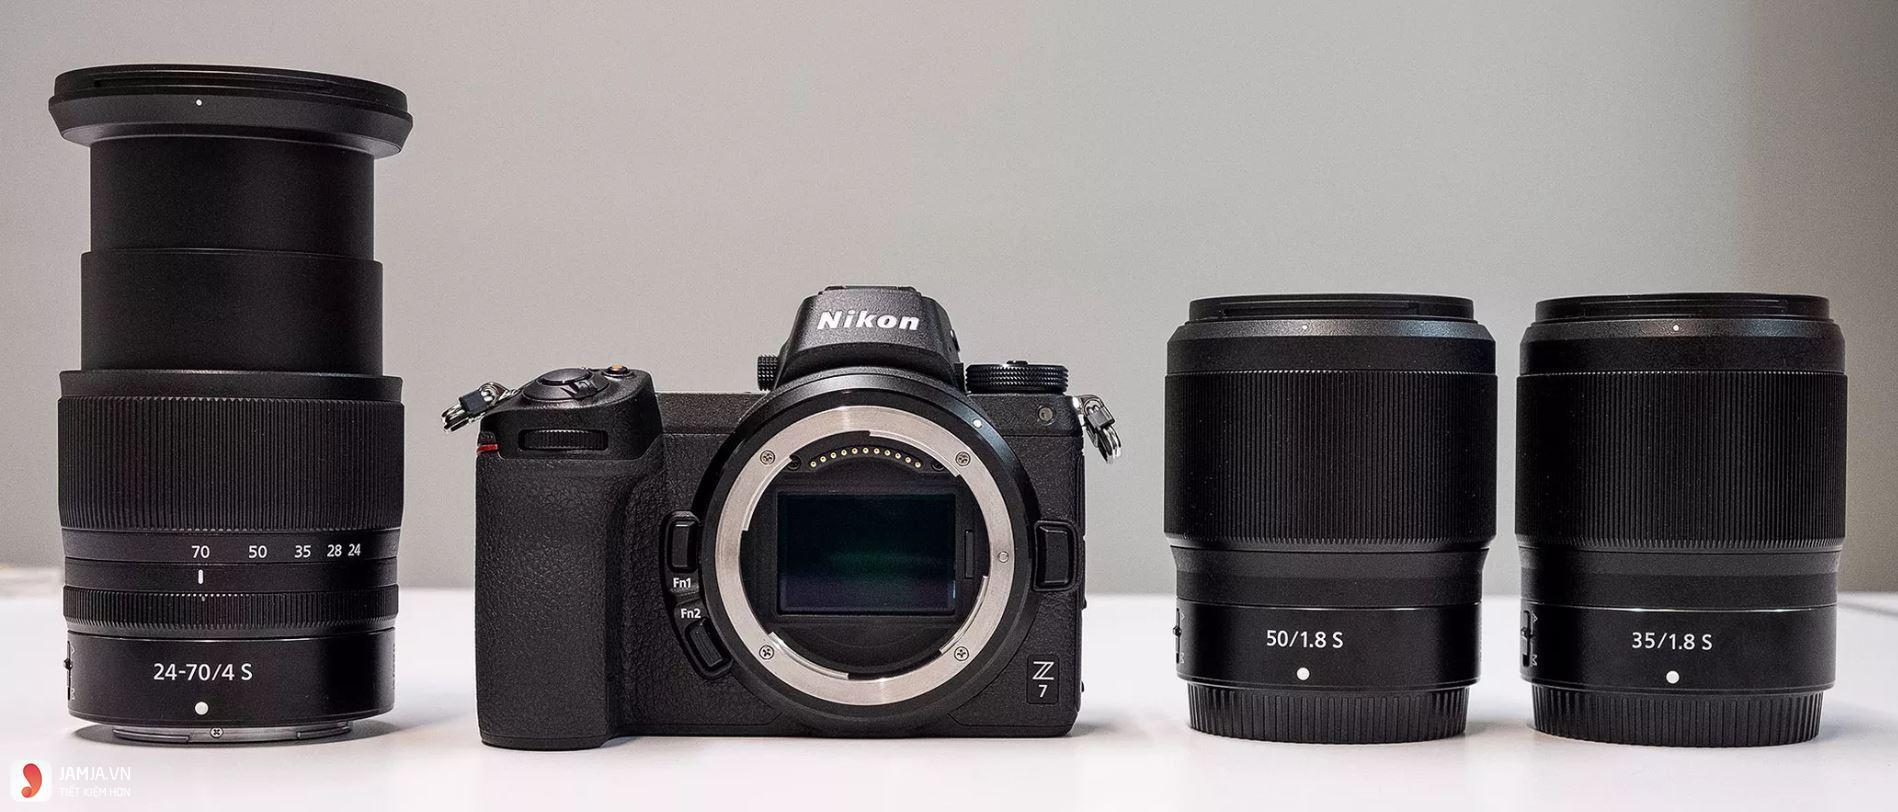 Cách chọn mua máy ảnh vừa tốt vừa giá rẻ 2